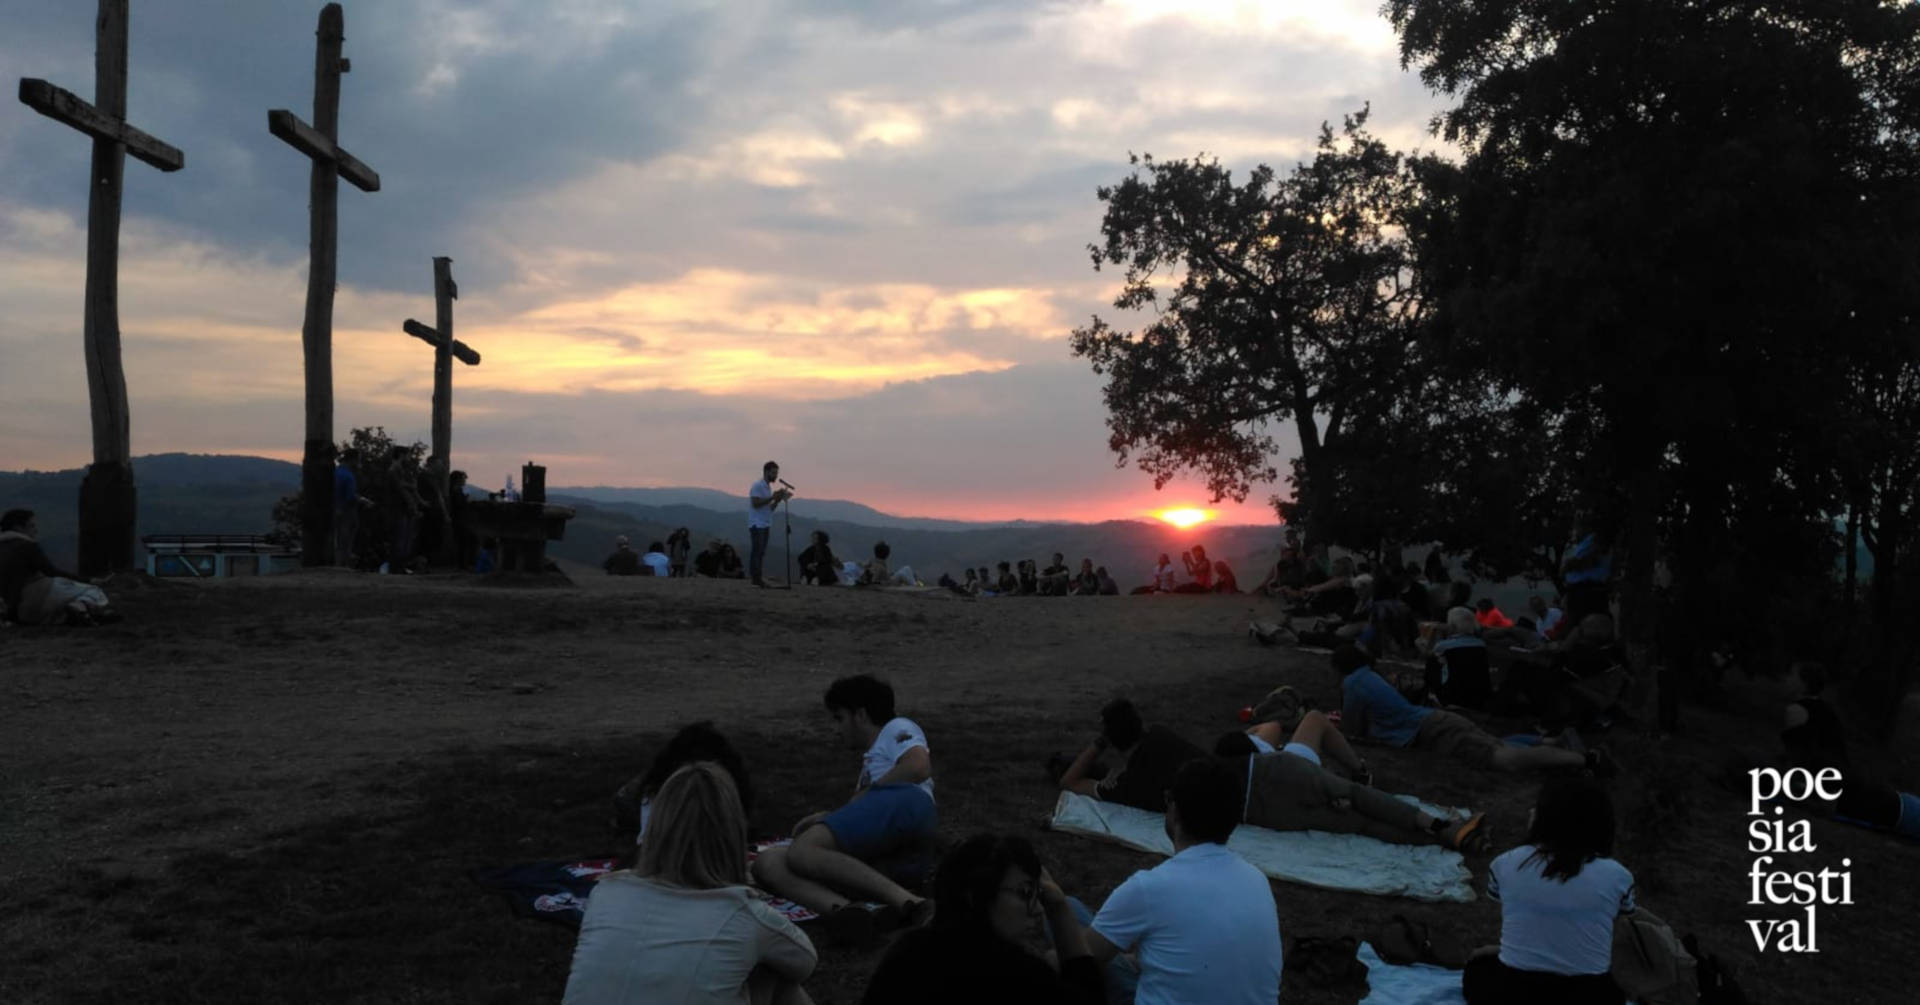 non credete solo a ciò che vedete monte tre croci poesia festival 19